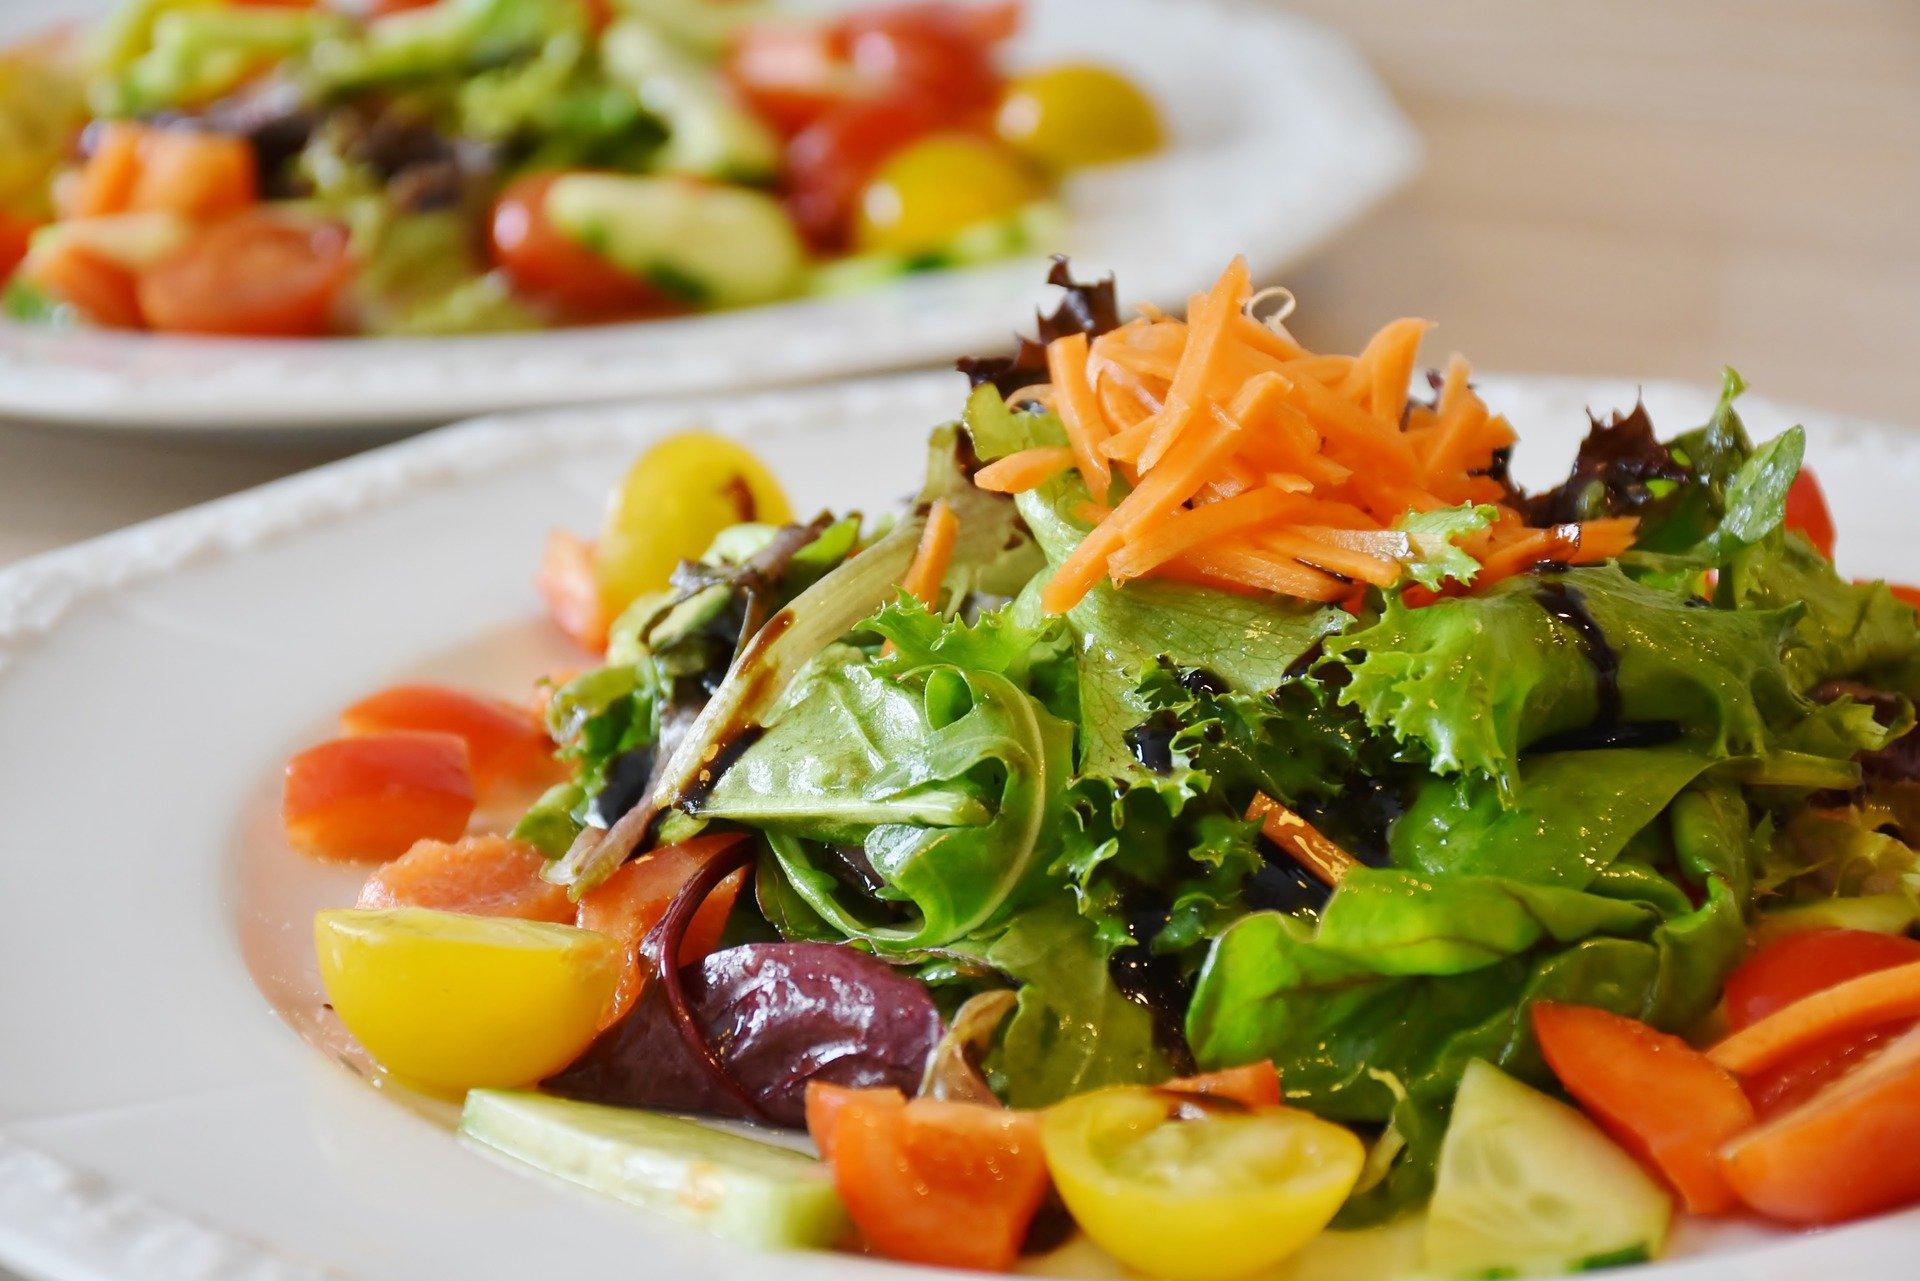 食事は野菜から食べる